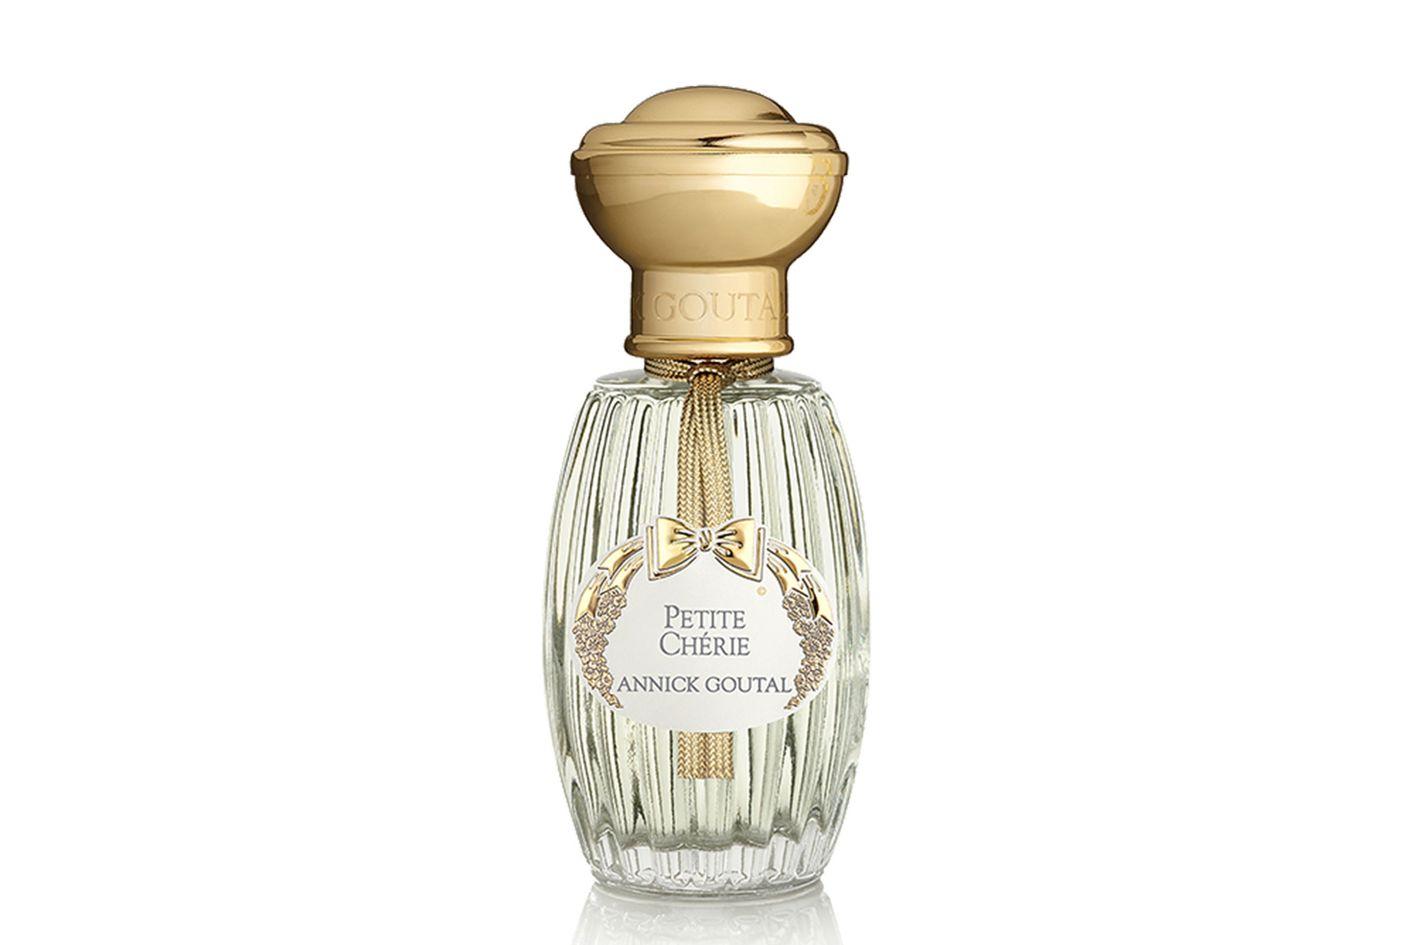 Annick Goutal Petit Cherie Eau de Parfum